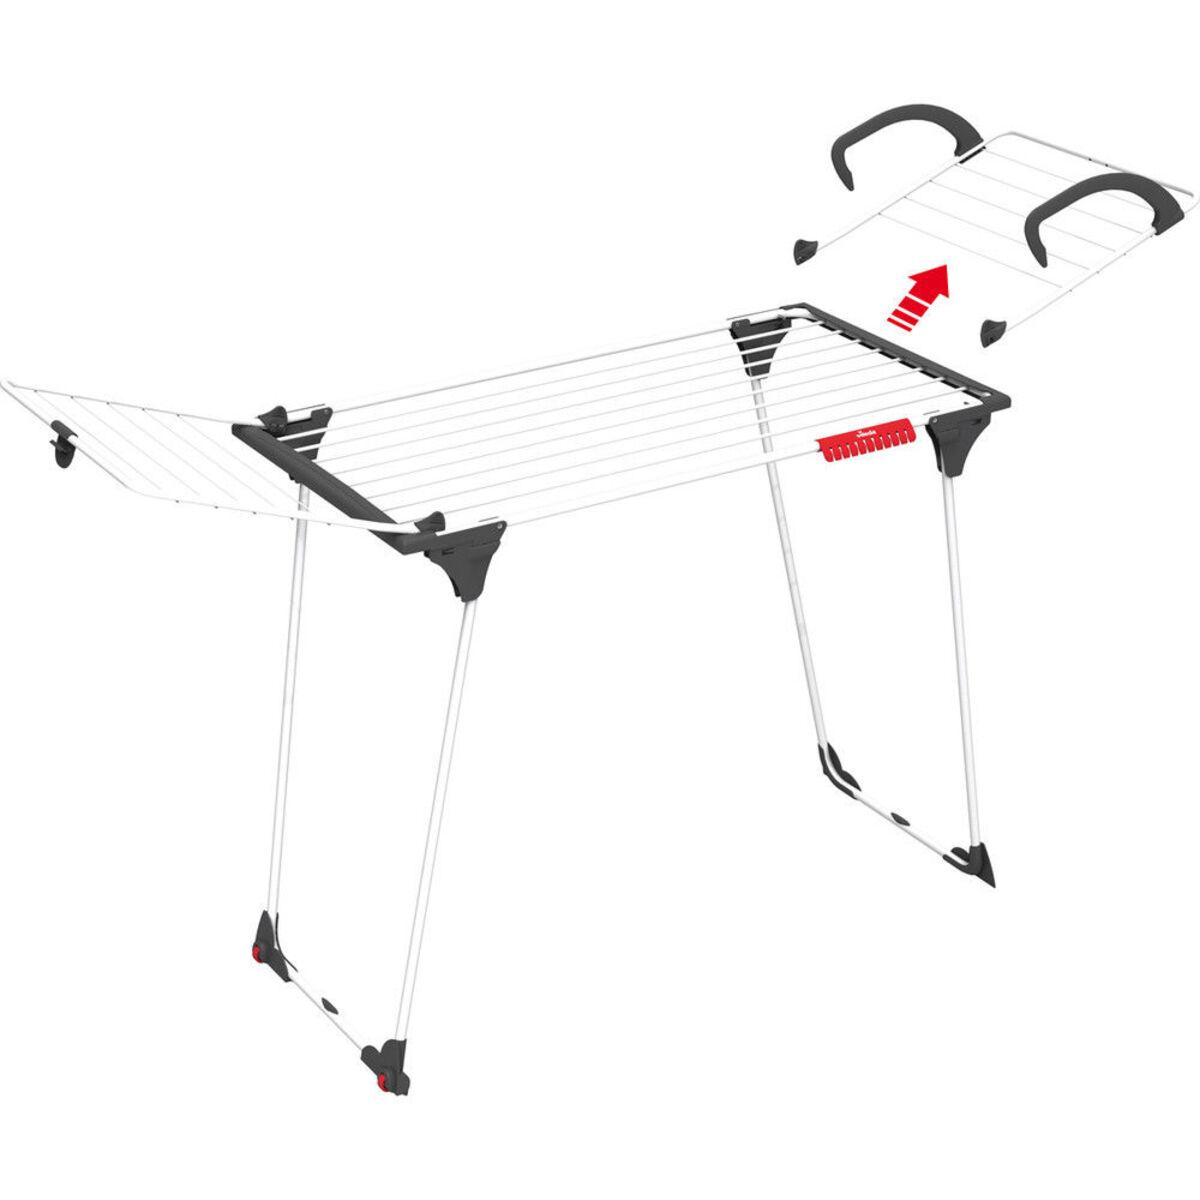 Bild 1 von Vileda Flügelwäscheständer Premium 2in1 Wäschetrockner Wäscheständer NEU